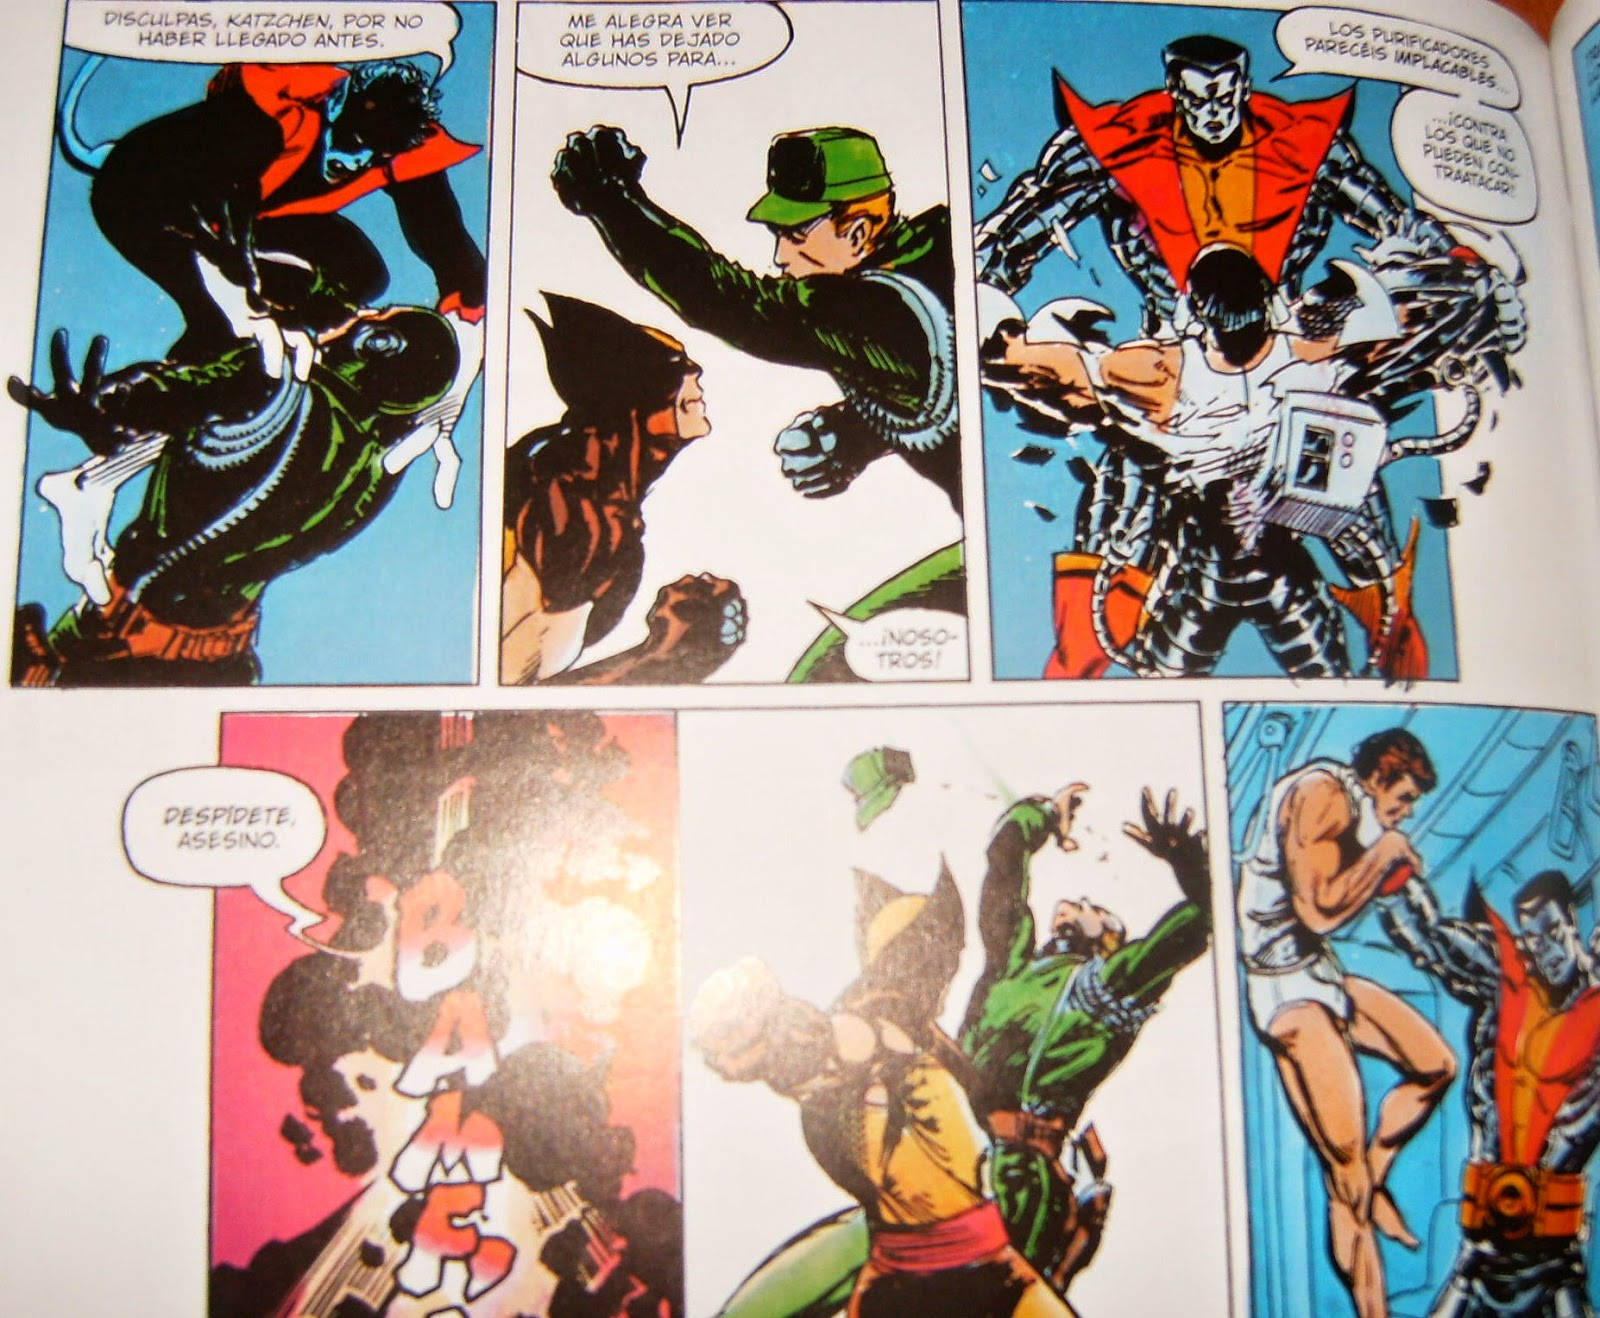 X-MEN DIOS AMA, EL HOMBRE MATA 2ª edición NOVELA GRAFICA tapa dura Forum